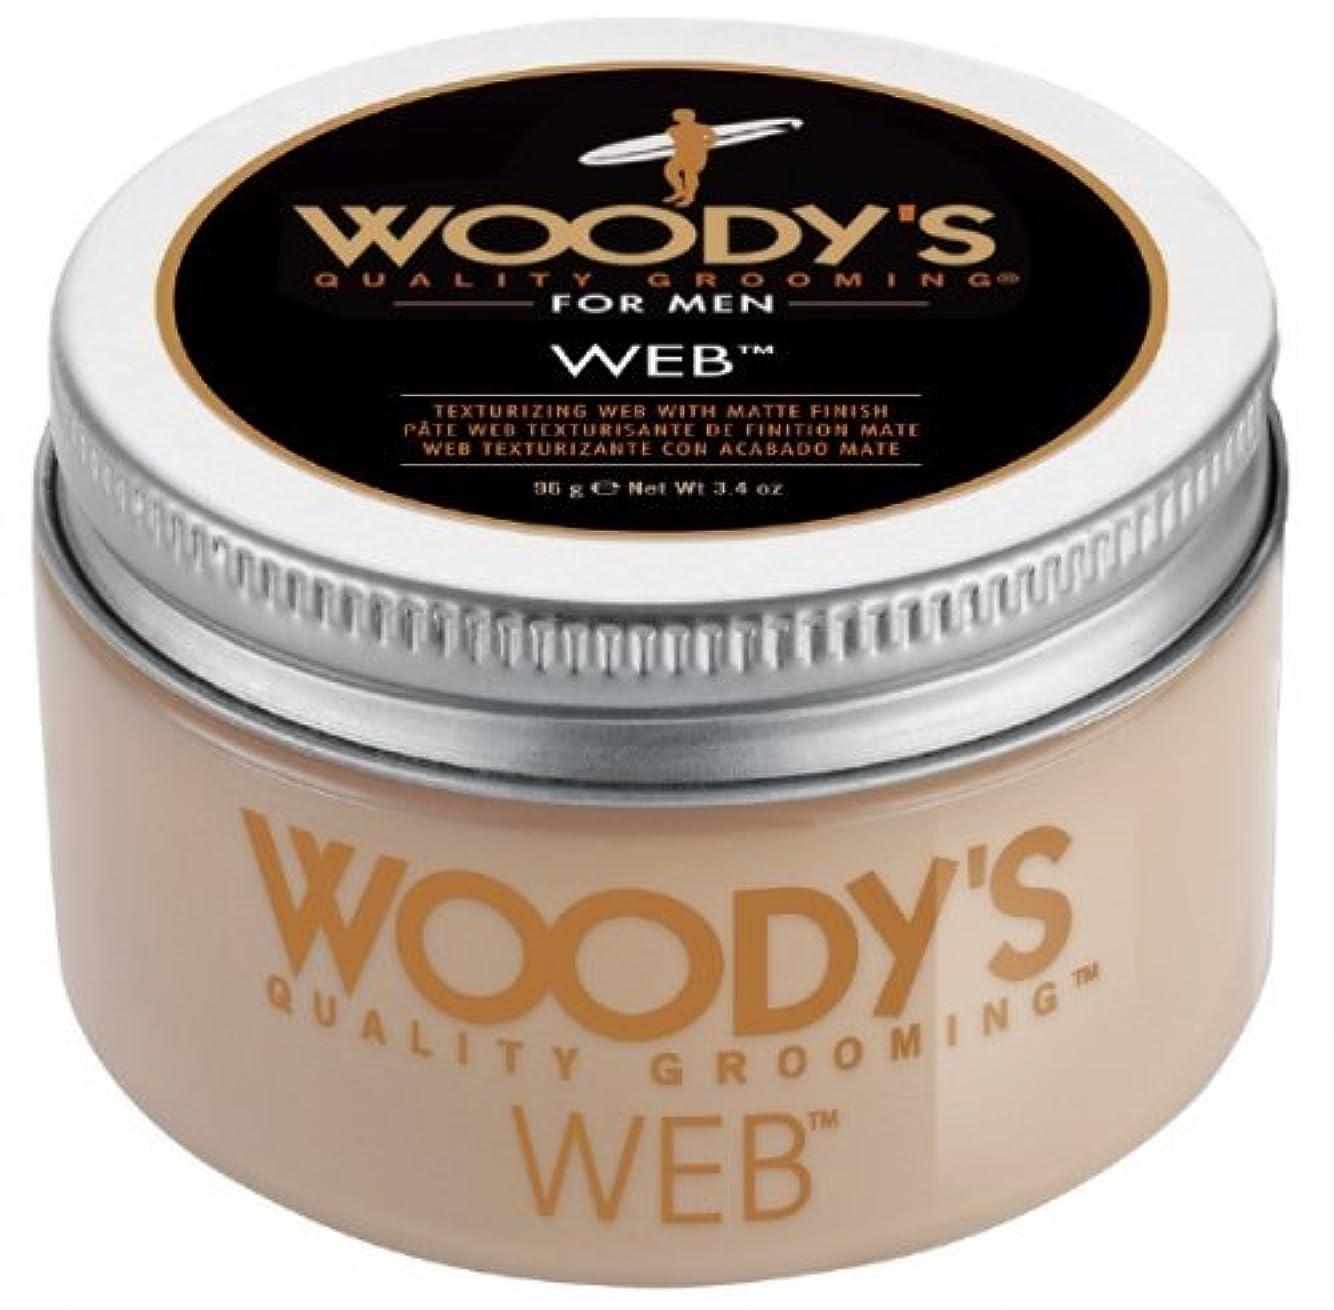 とても多くの前兆化合物Woody's Men Hair Styling Web Pomade Matte Finish Wet Or Dry Hair Cr??me Gel 96g by Woody's [並行輸入品]